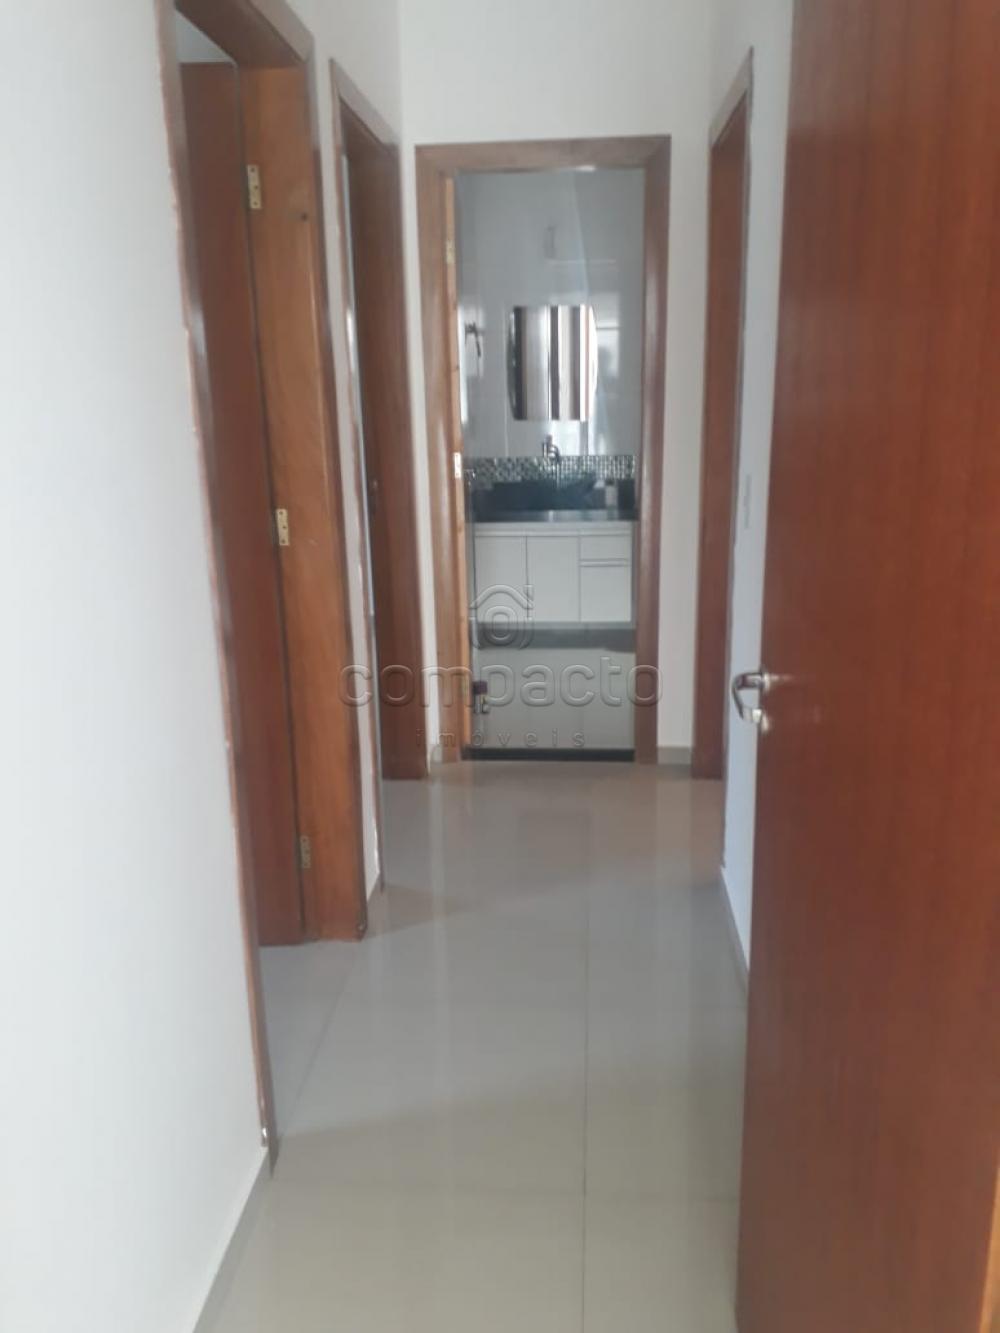 Alugar Casa / Condomínio em São José do Rio Preto apenas R$ 2.500,00 - Foto 7